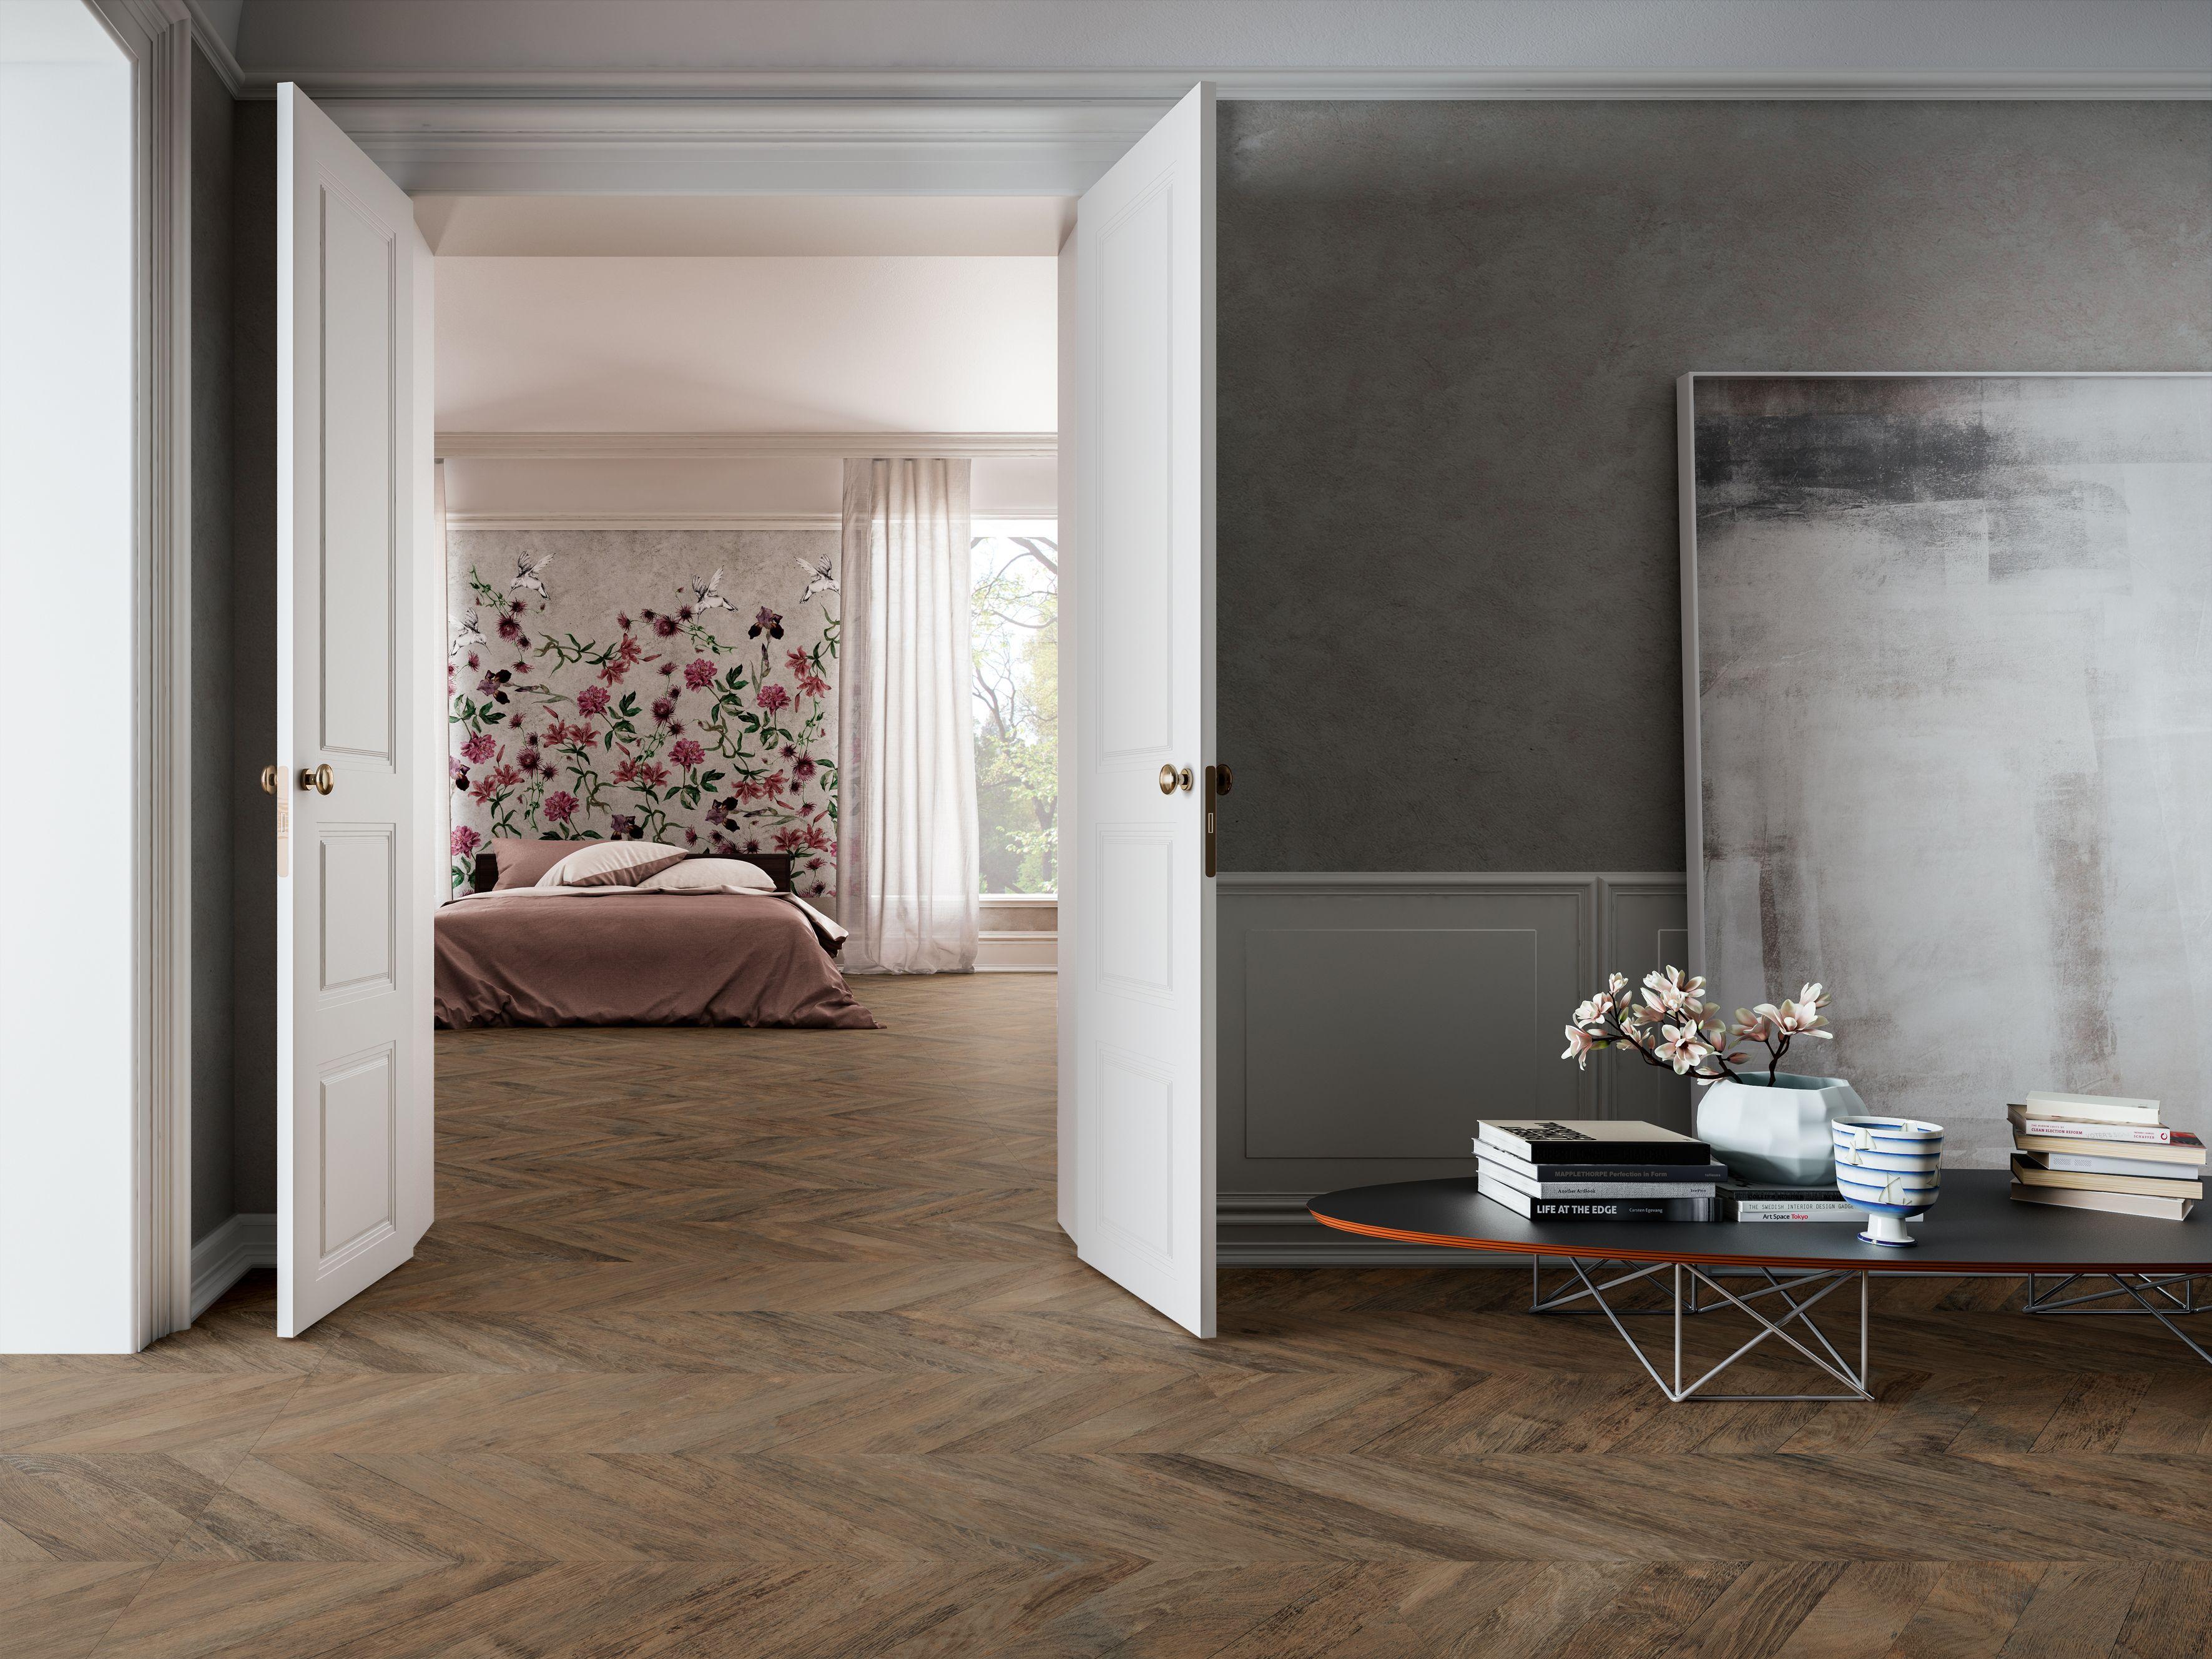 Chateau Dark Brown Wood Look Tile Tile Bedroom Bedroom Flooring